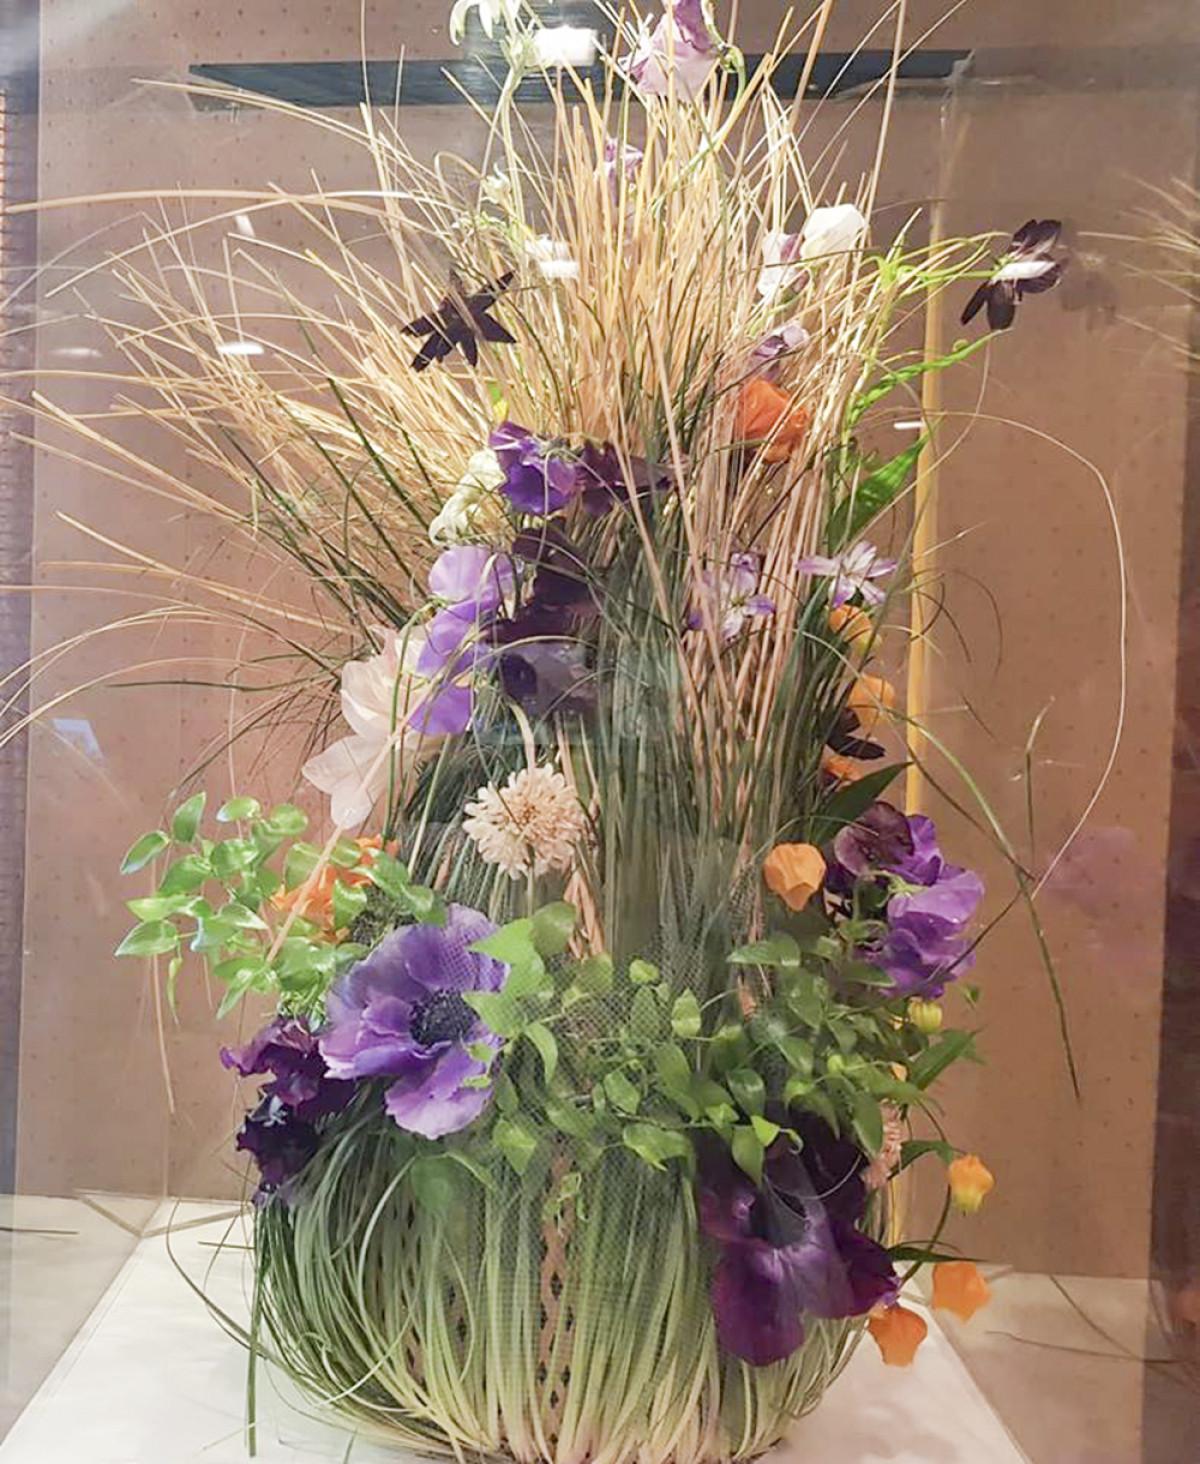 4. Bình hoa này mang phong cách thiên nhiên, với những bông hoa tím nổi bật trên nền xanh của lá cỏ